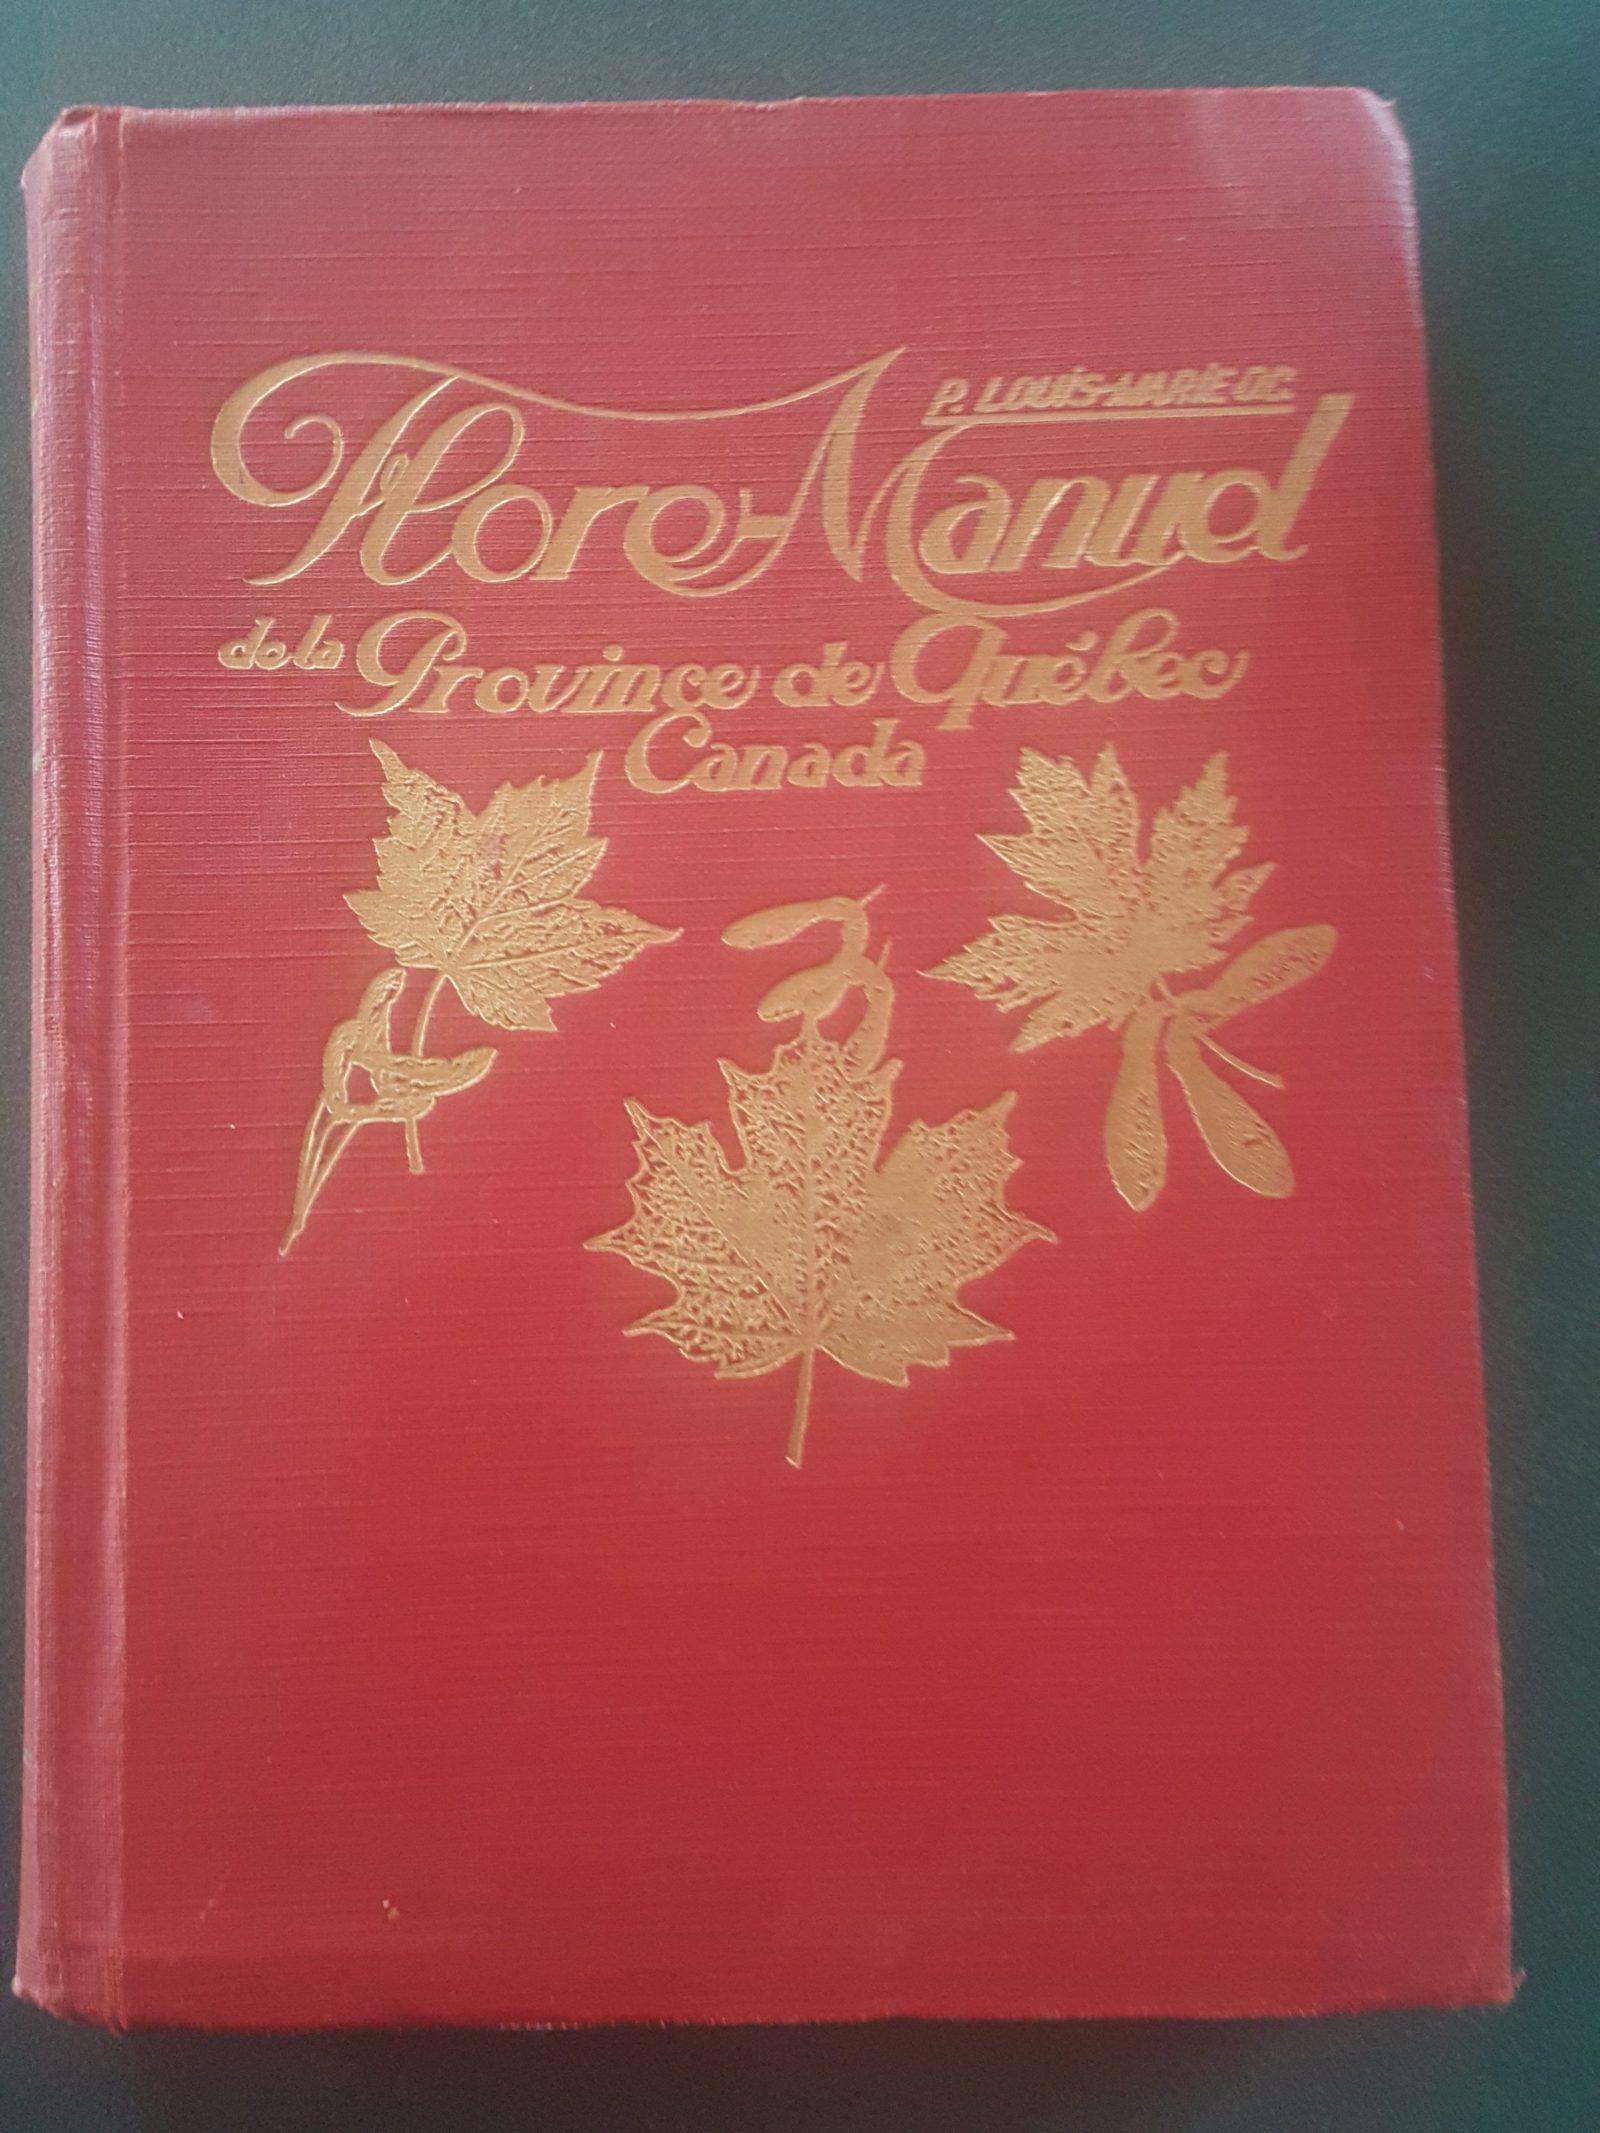 Voici un exemplaire original de la Flore-Manuel de la Province de Québec, publié en 1931. L'auteur en est le Père Louis-Marie, dont le nom a été donné à l'Herbier de l'Université Laval. Photo : Élisabeth Bossert.